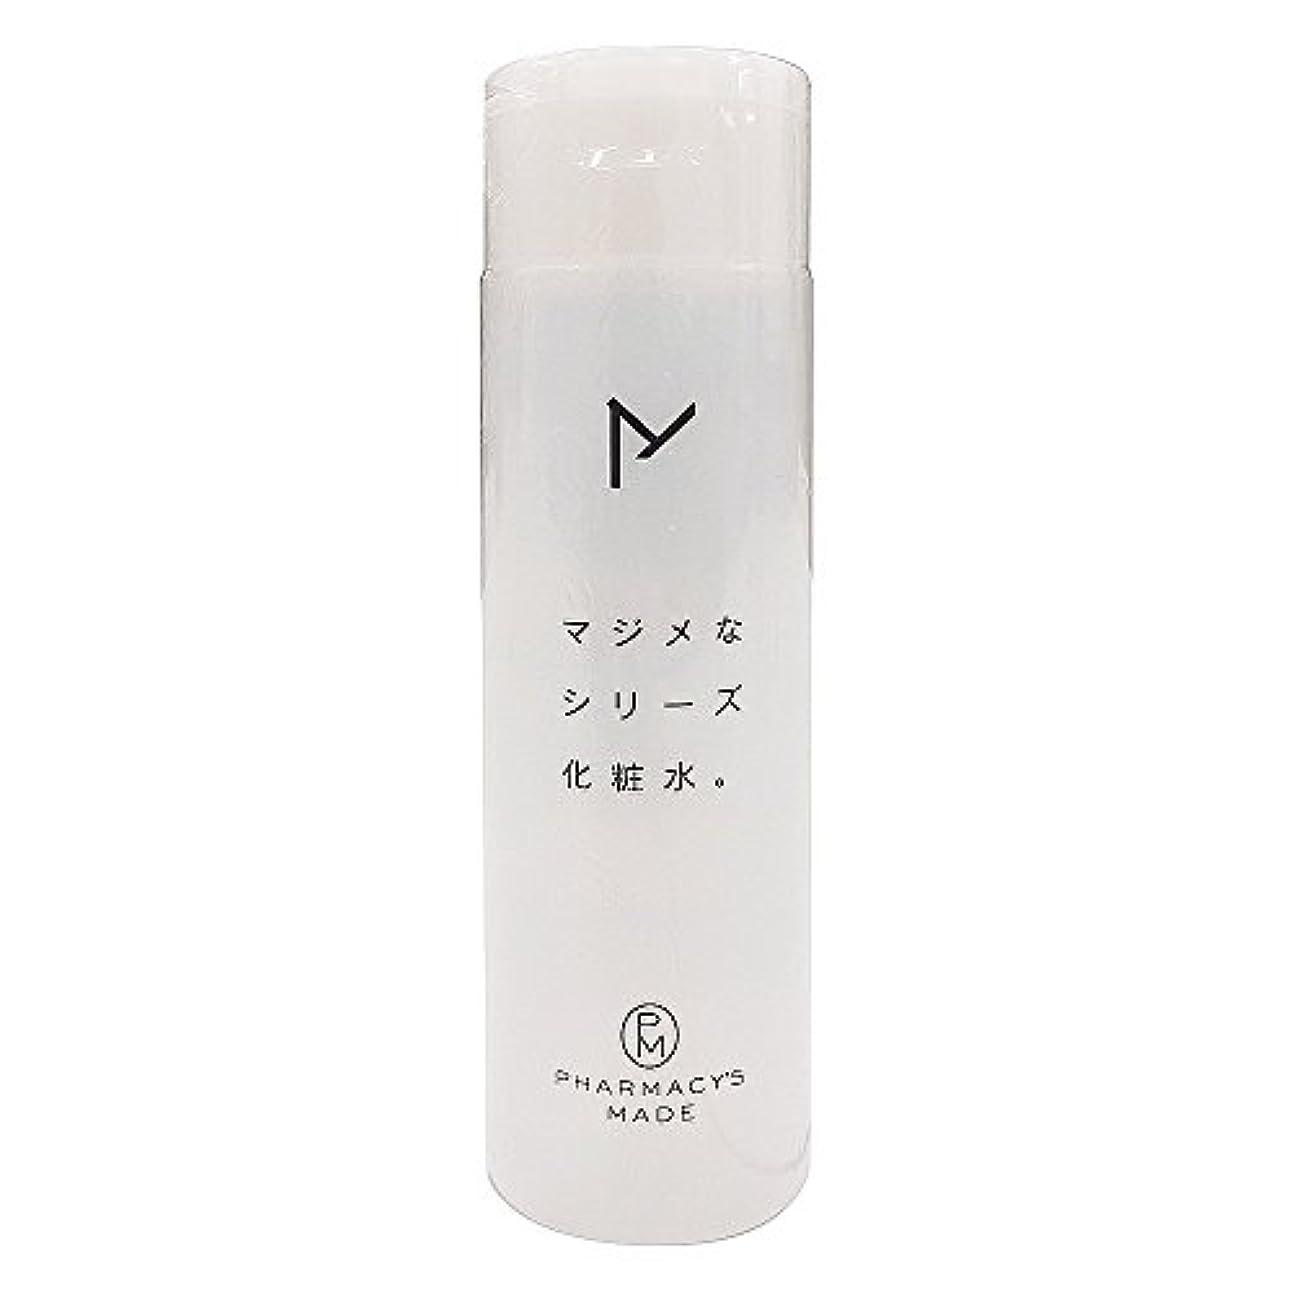 殉教者フラスコ写真を撮る水橋保寿堂製薬 マジメなシリーズ化粧水。 200ml